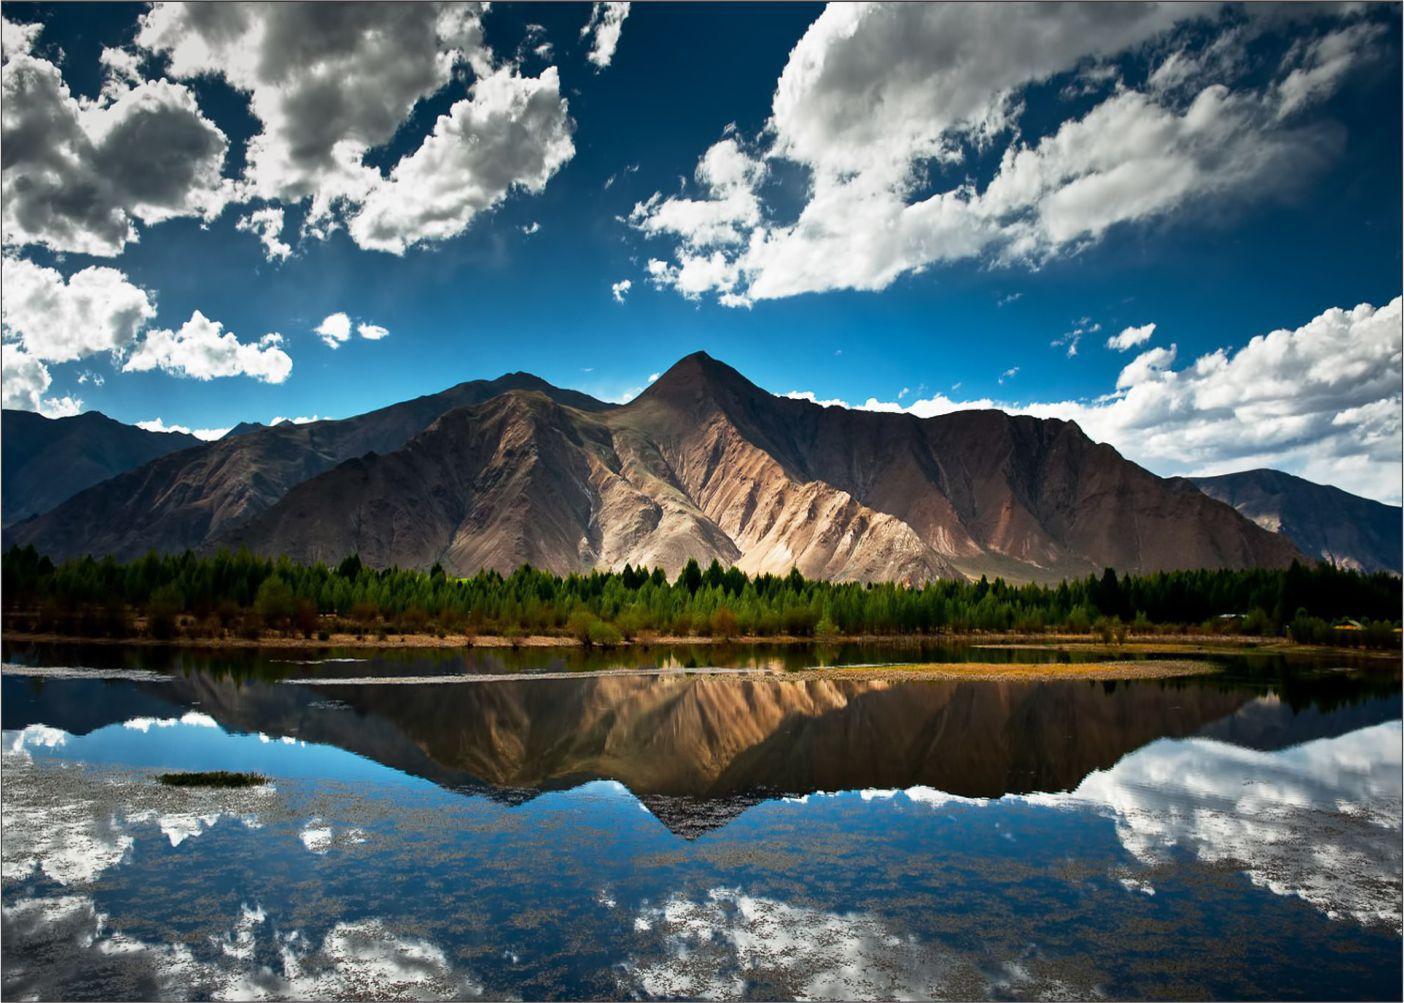 Papel de Parede Paisagens Montanhas 0019 - Adesivo de Parede   - Paredes Decoradas